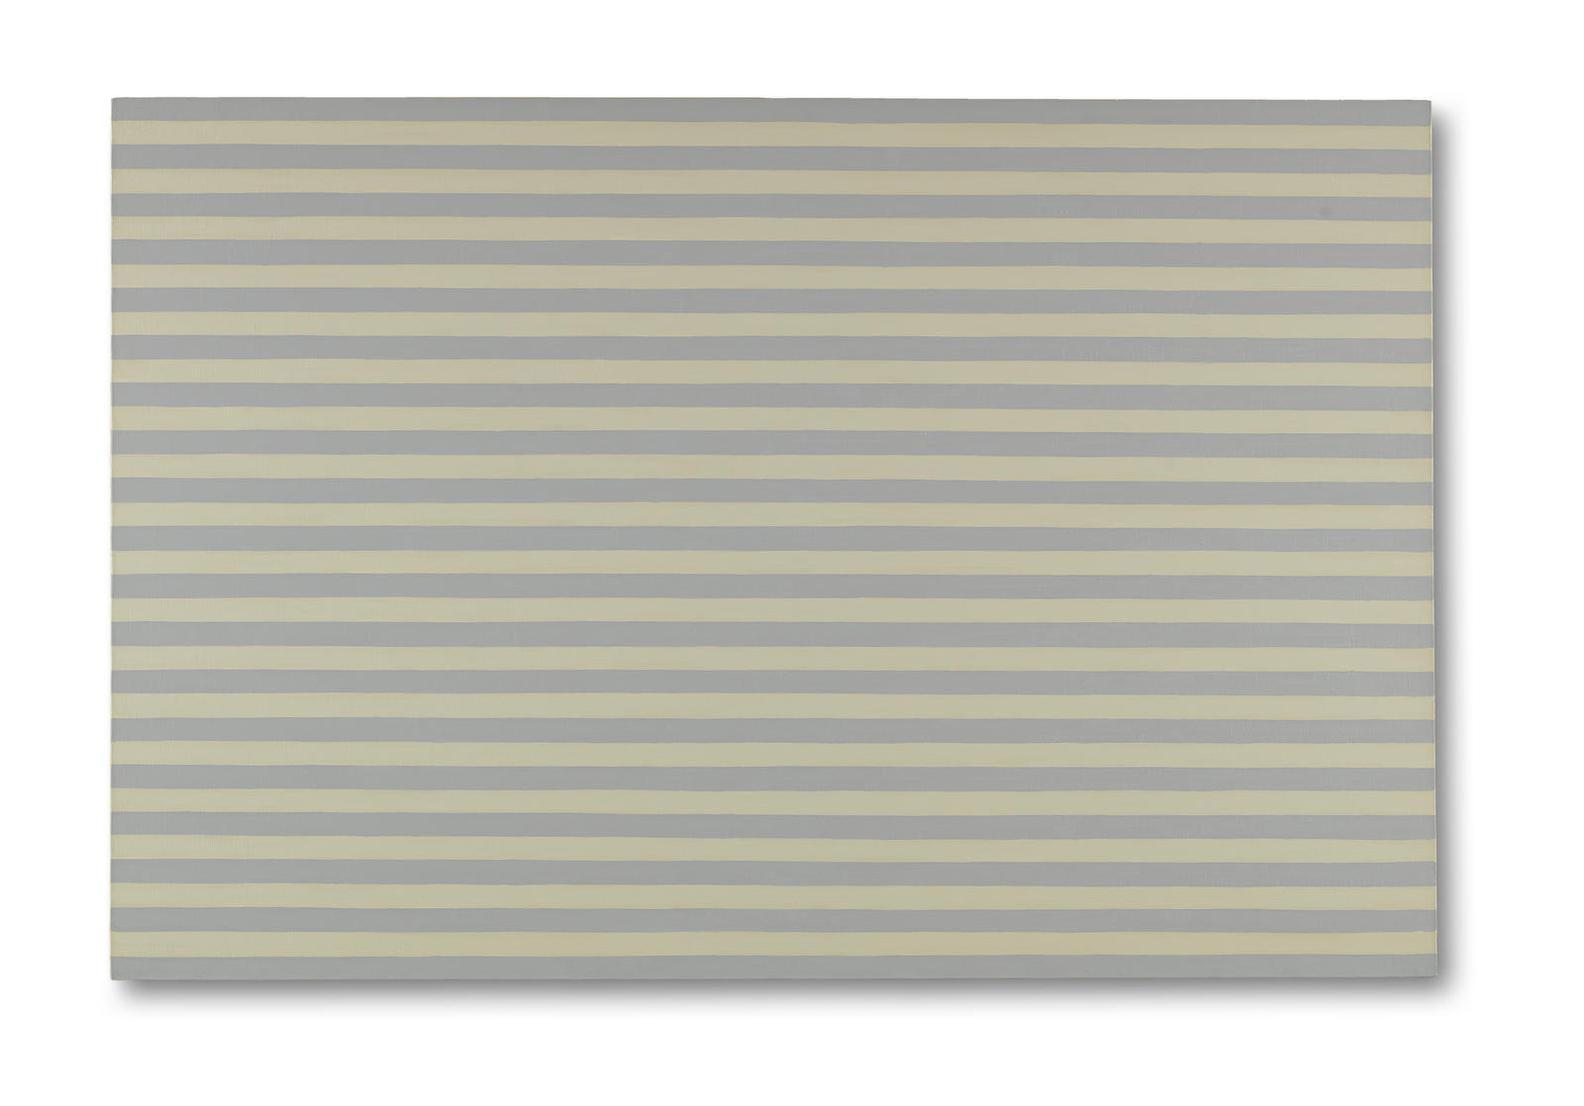 Masaaki Yamada-Work D.125-1973